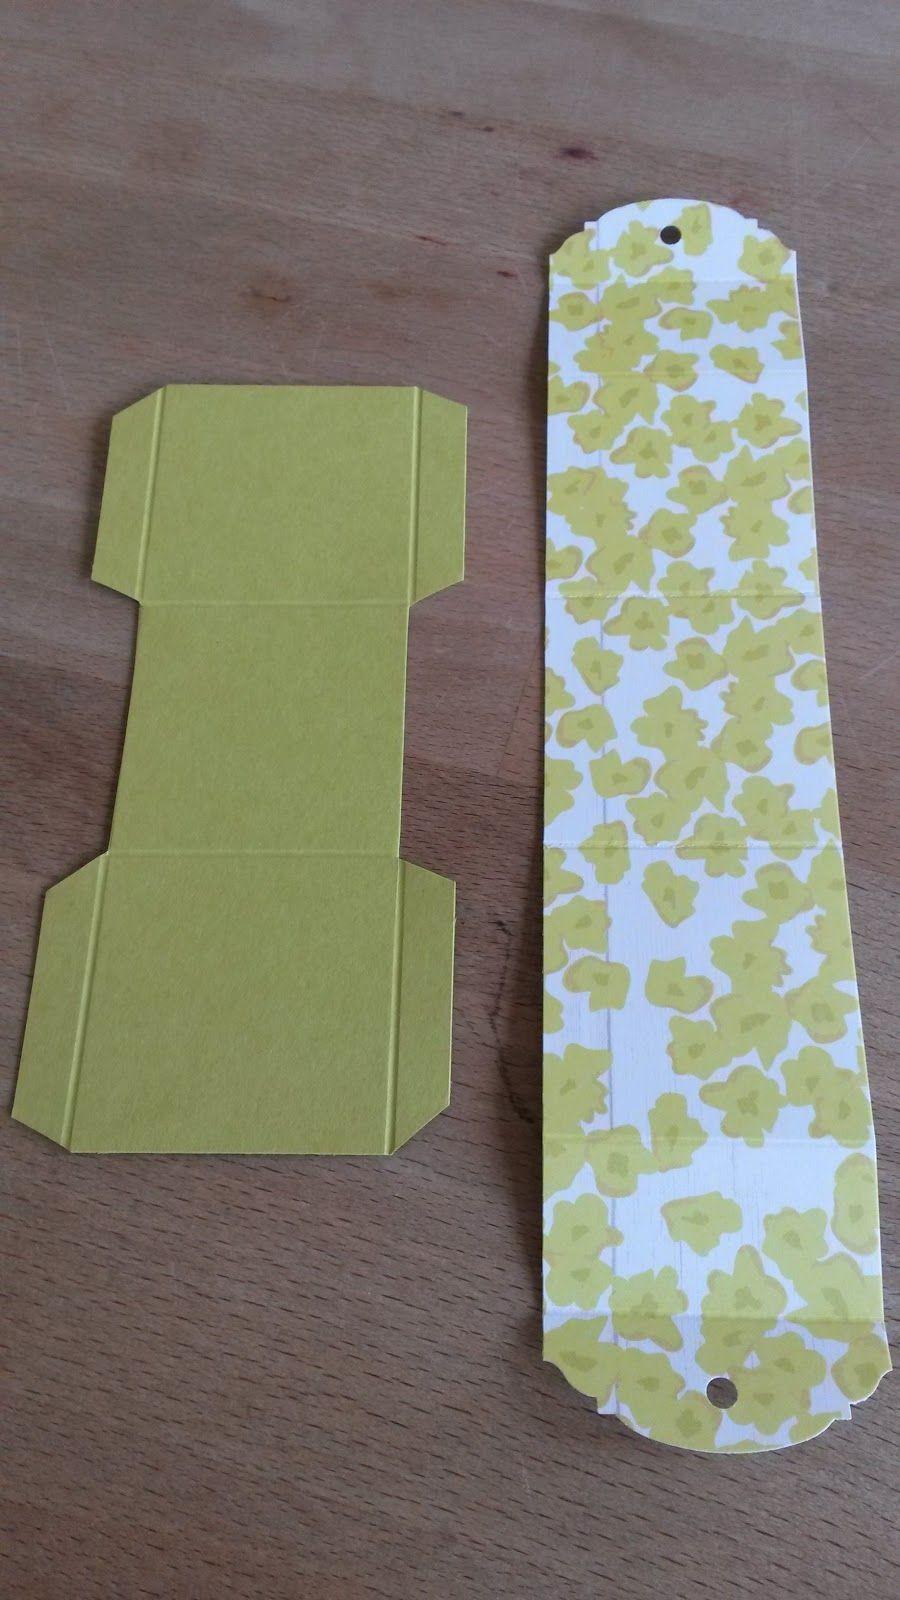 Papercraft Box Guten Morgen Ihr Lieben Ich Finde Kleine Boxen Ja sooo toll Es ist